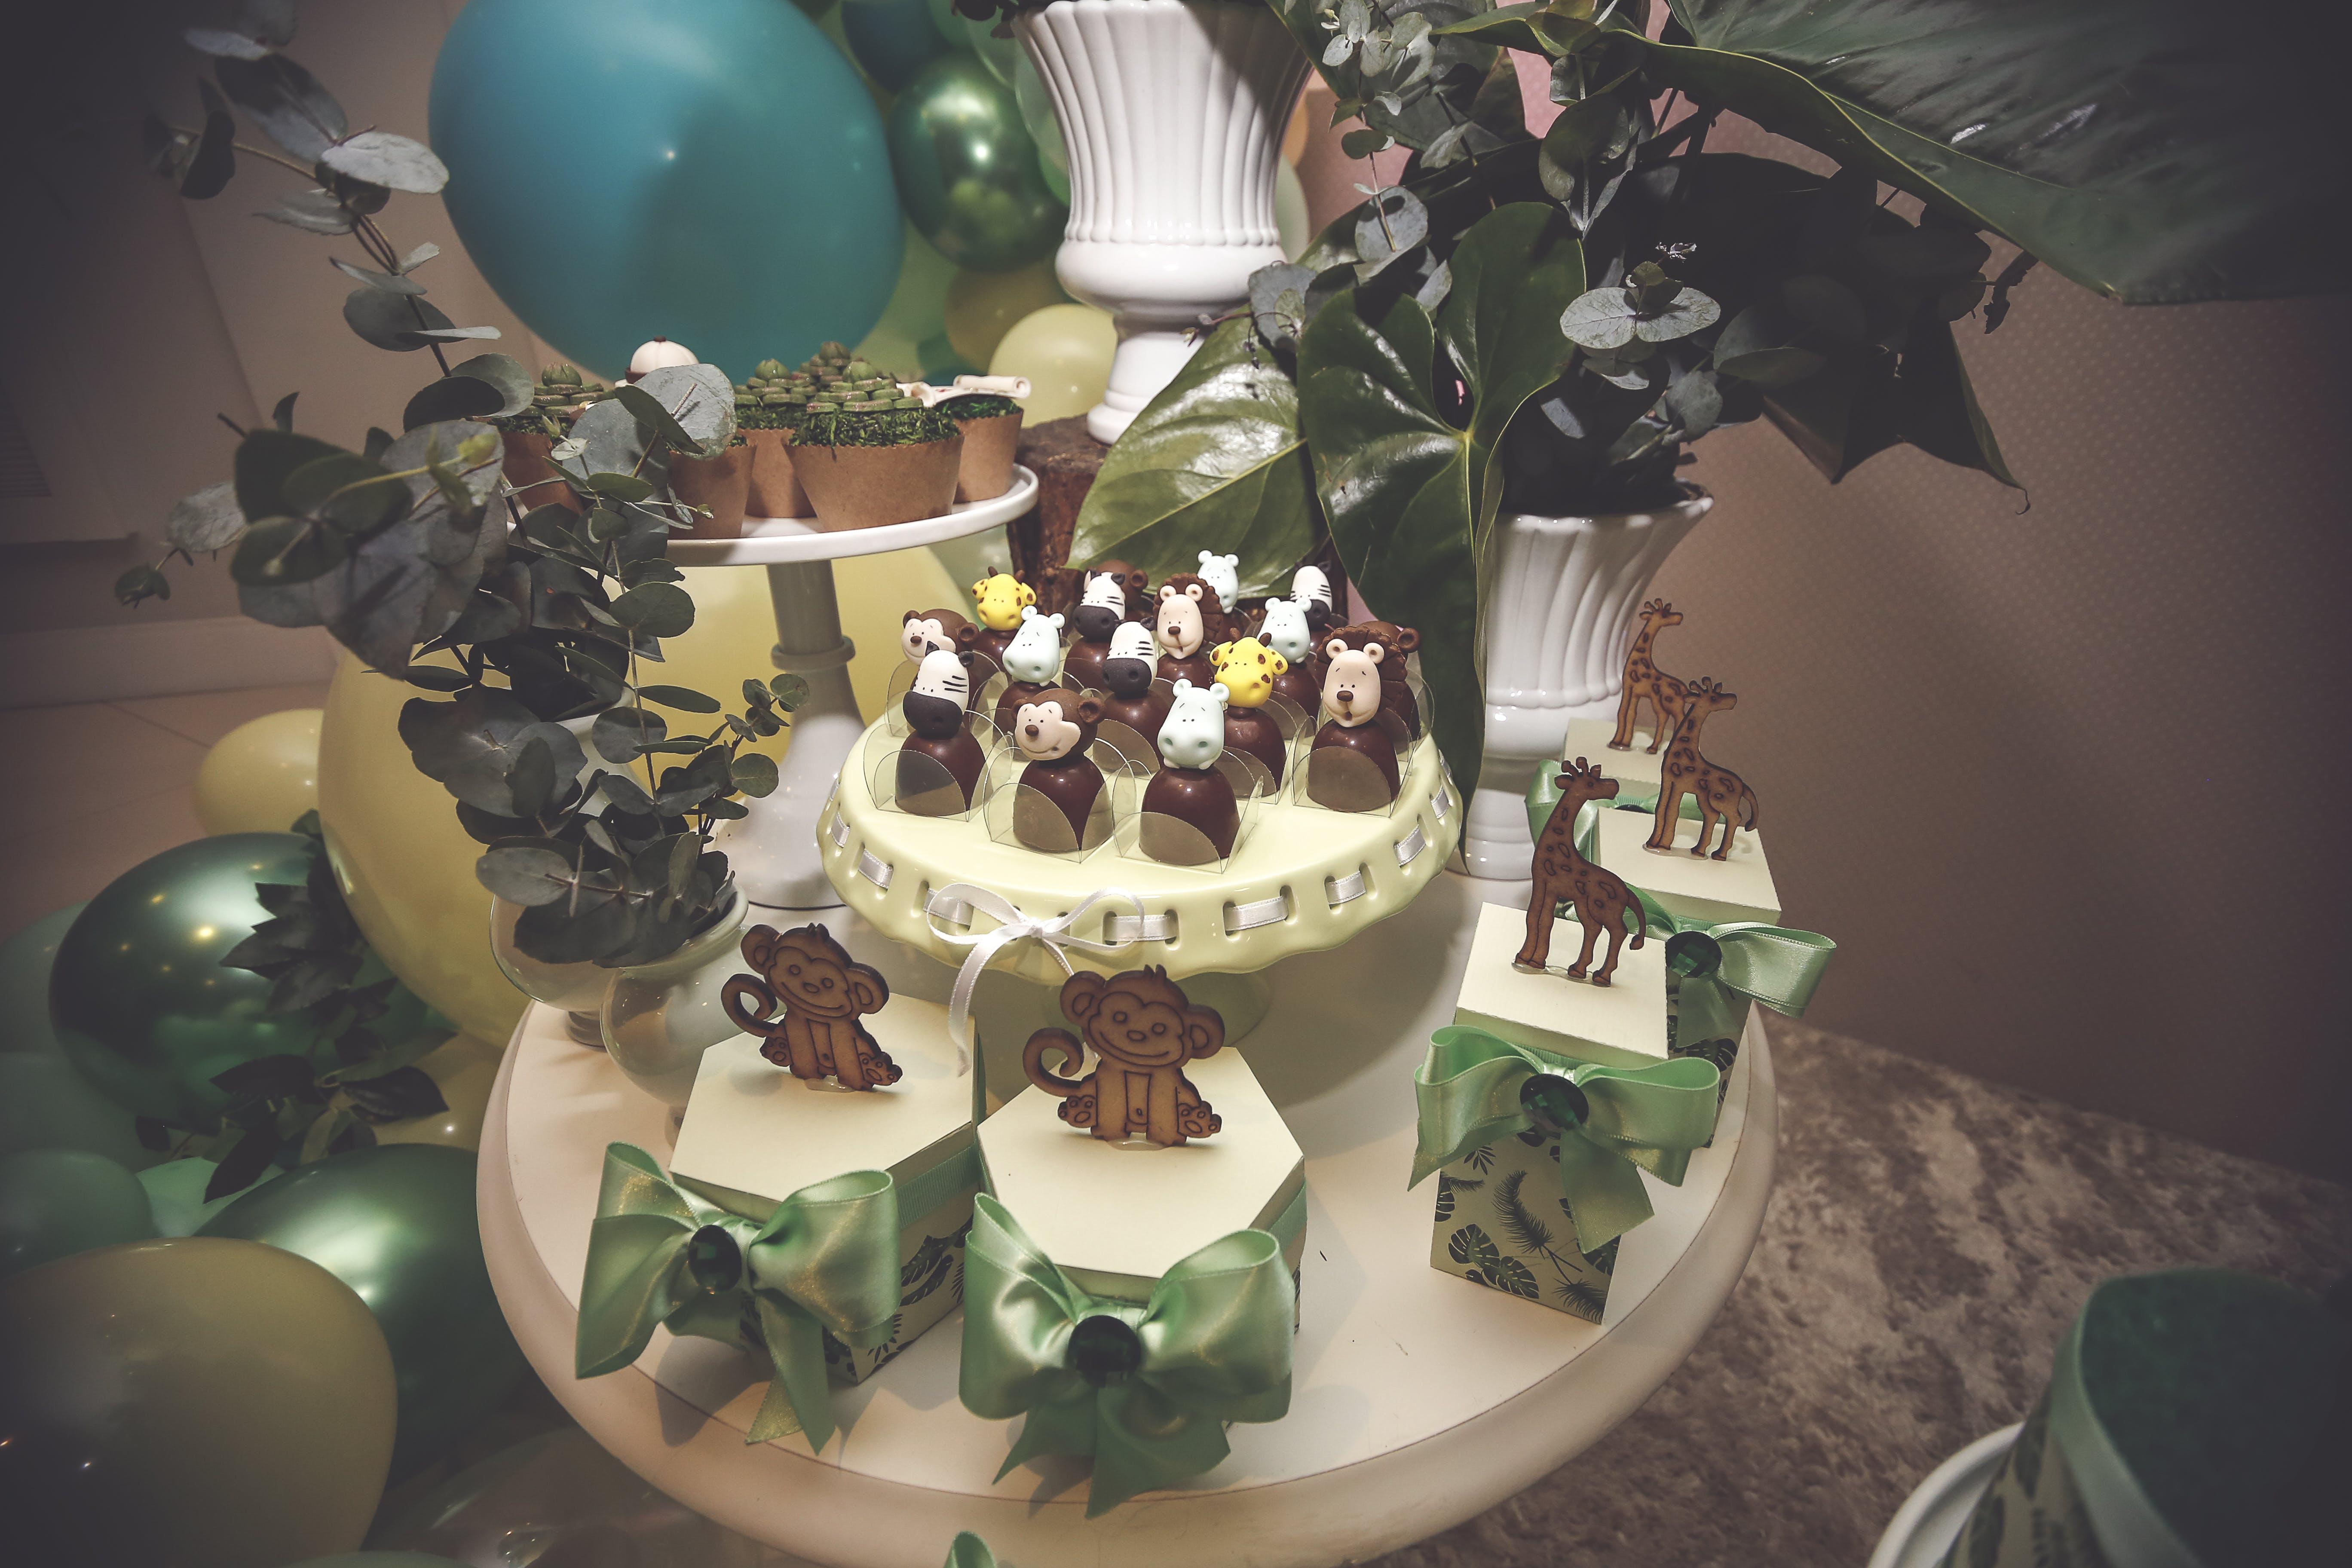 Δωρεάν στοκ φωτογραφιών με γιορτή, γλυκά, εορτασμός, επιδόρπιο